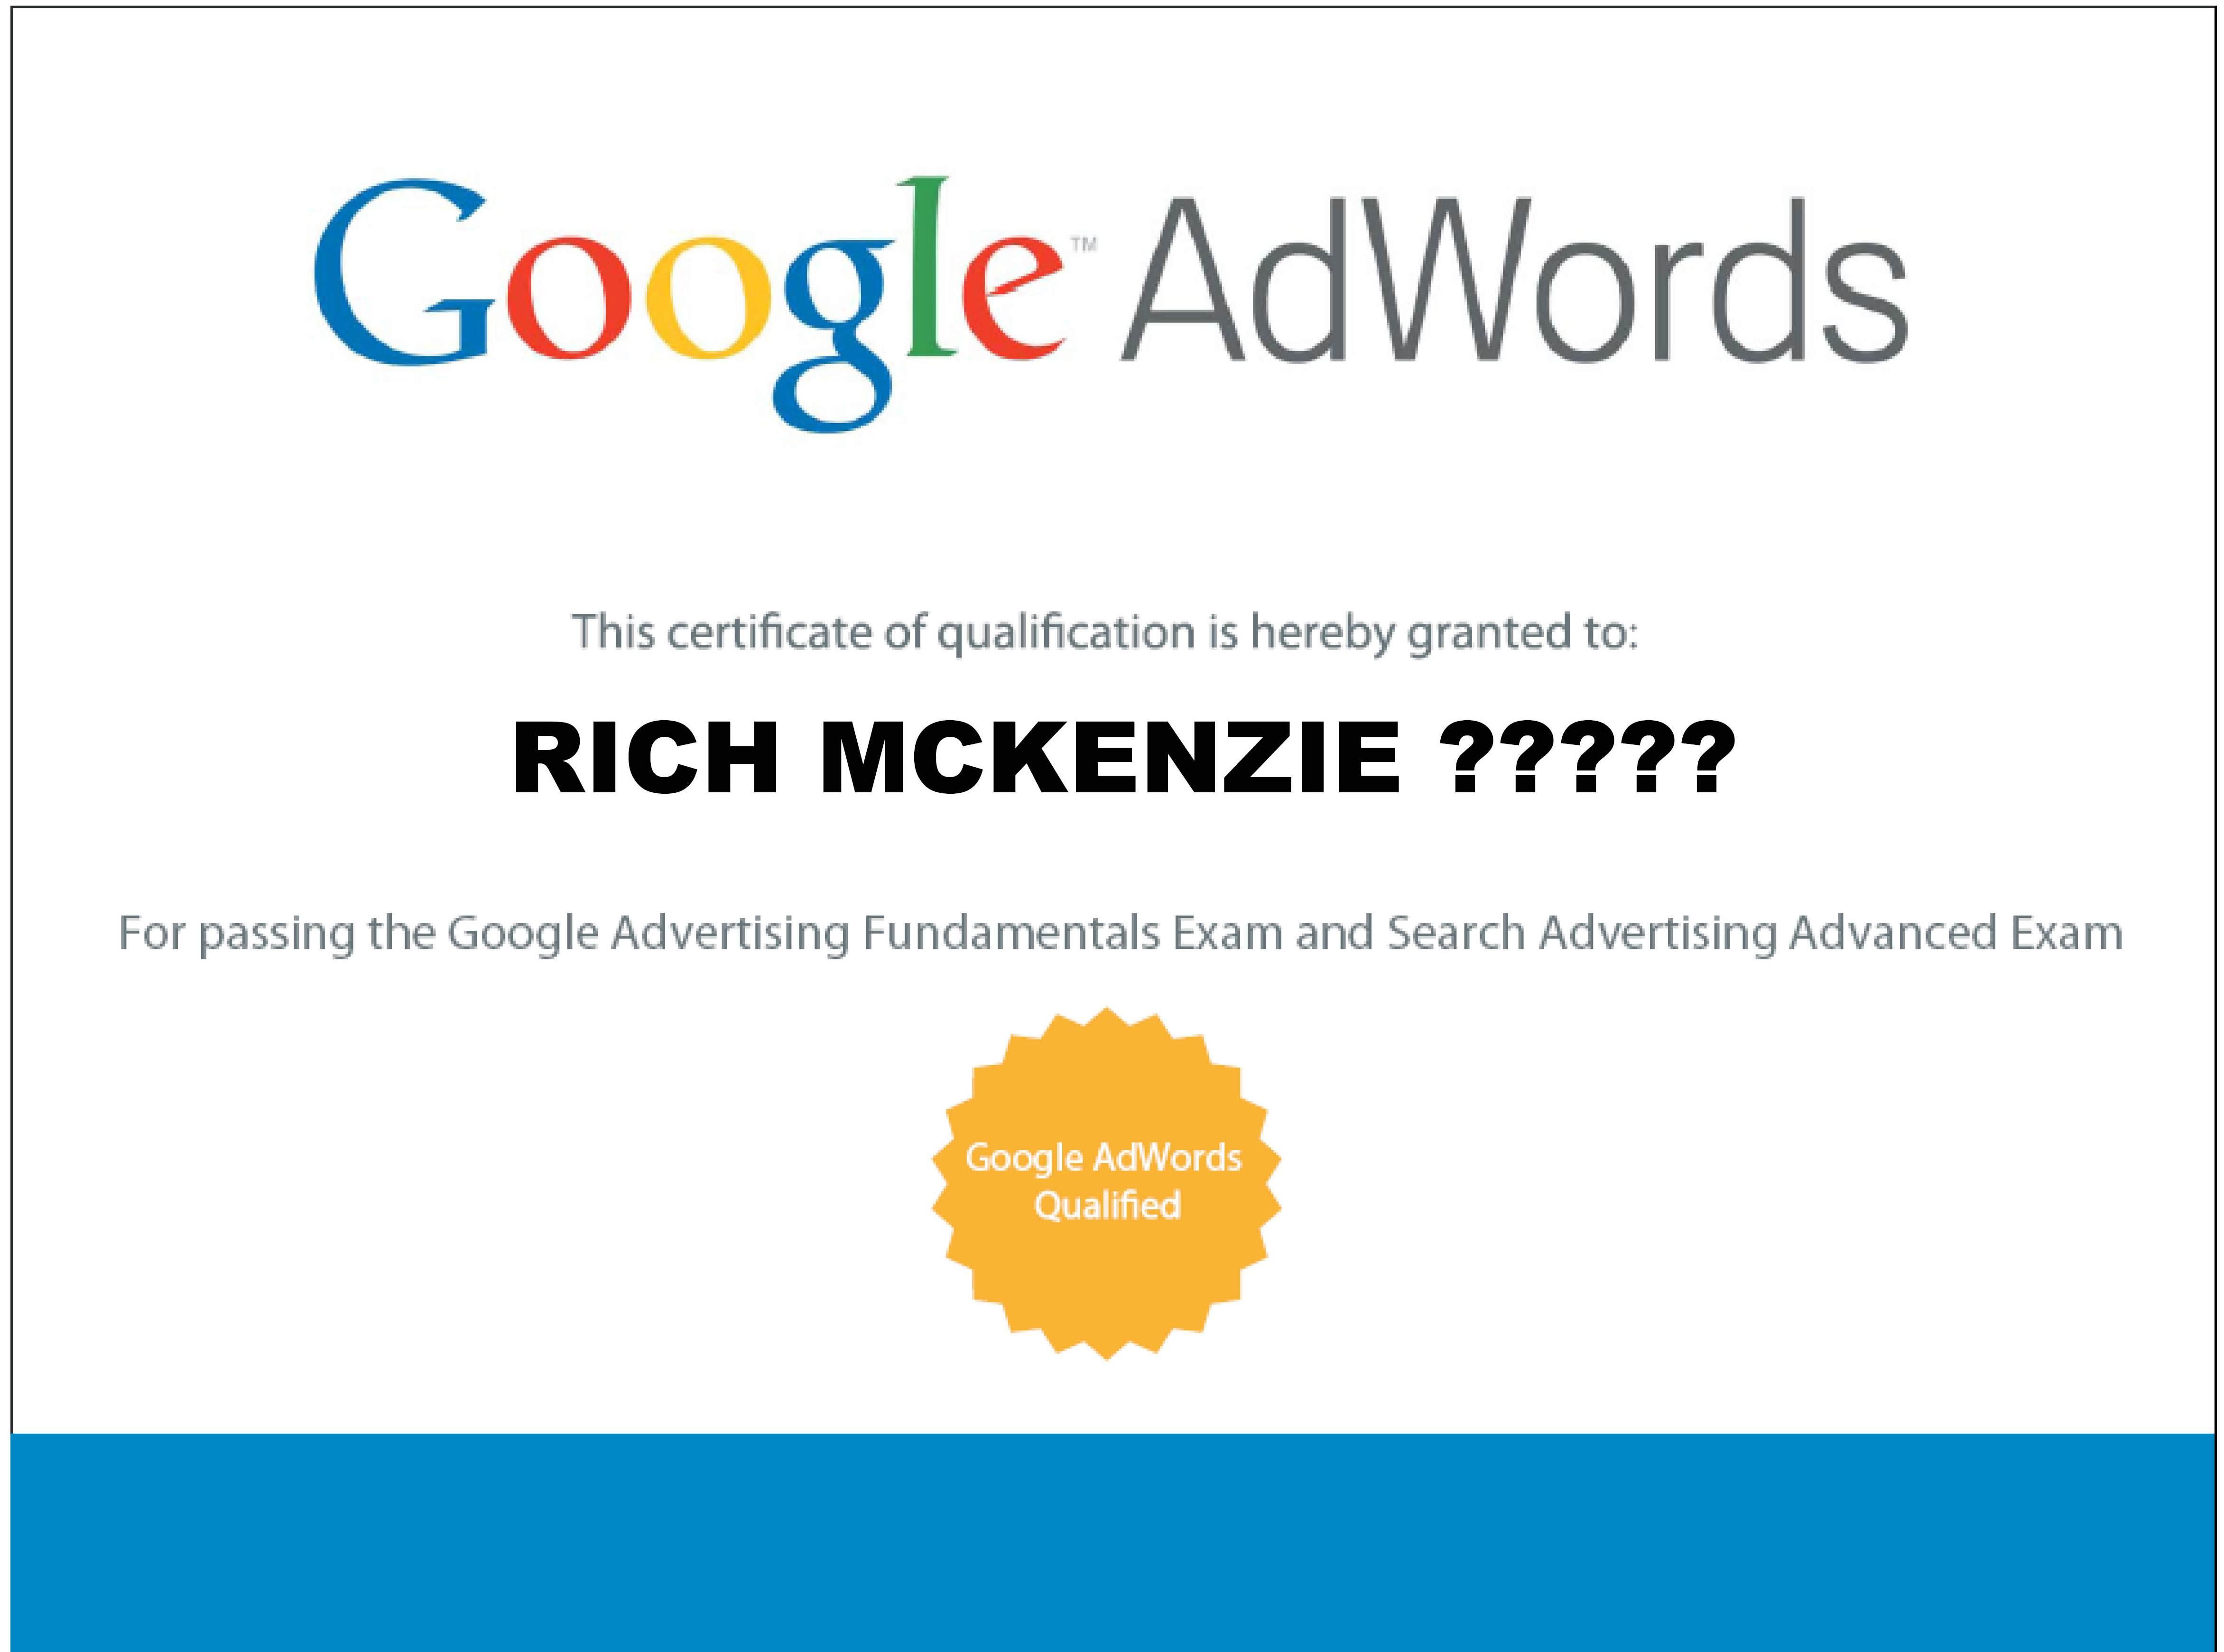 Google Adwords Rich Mckenzie